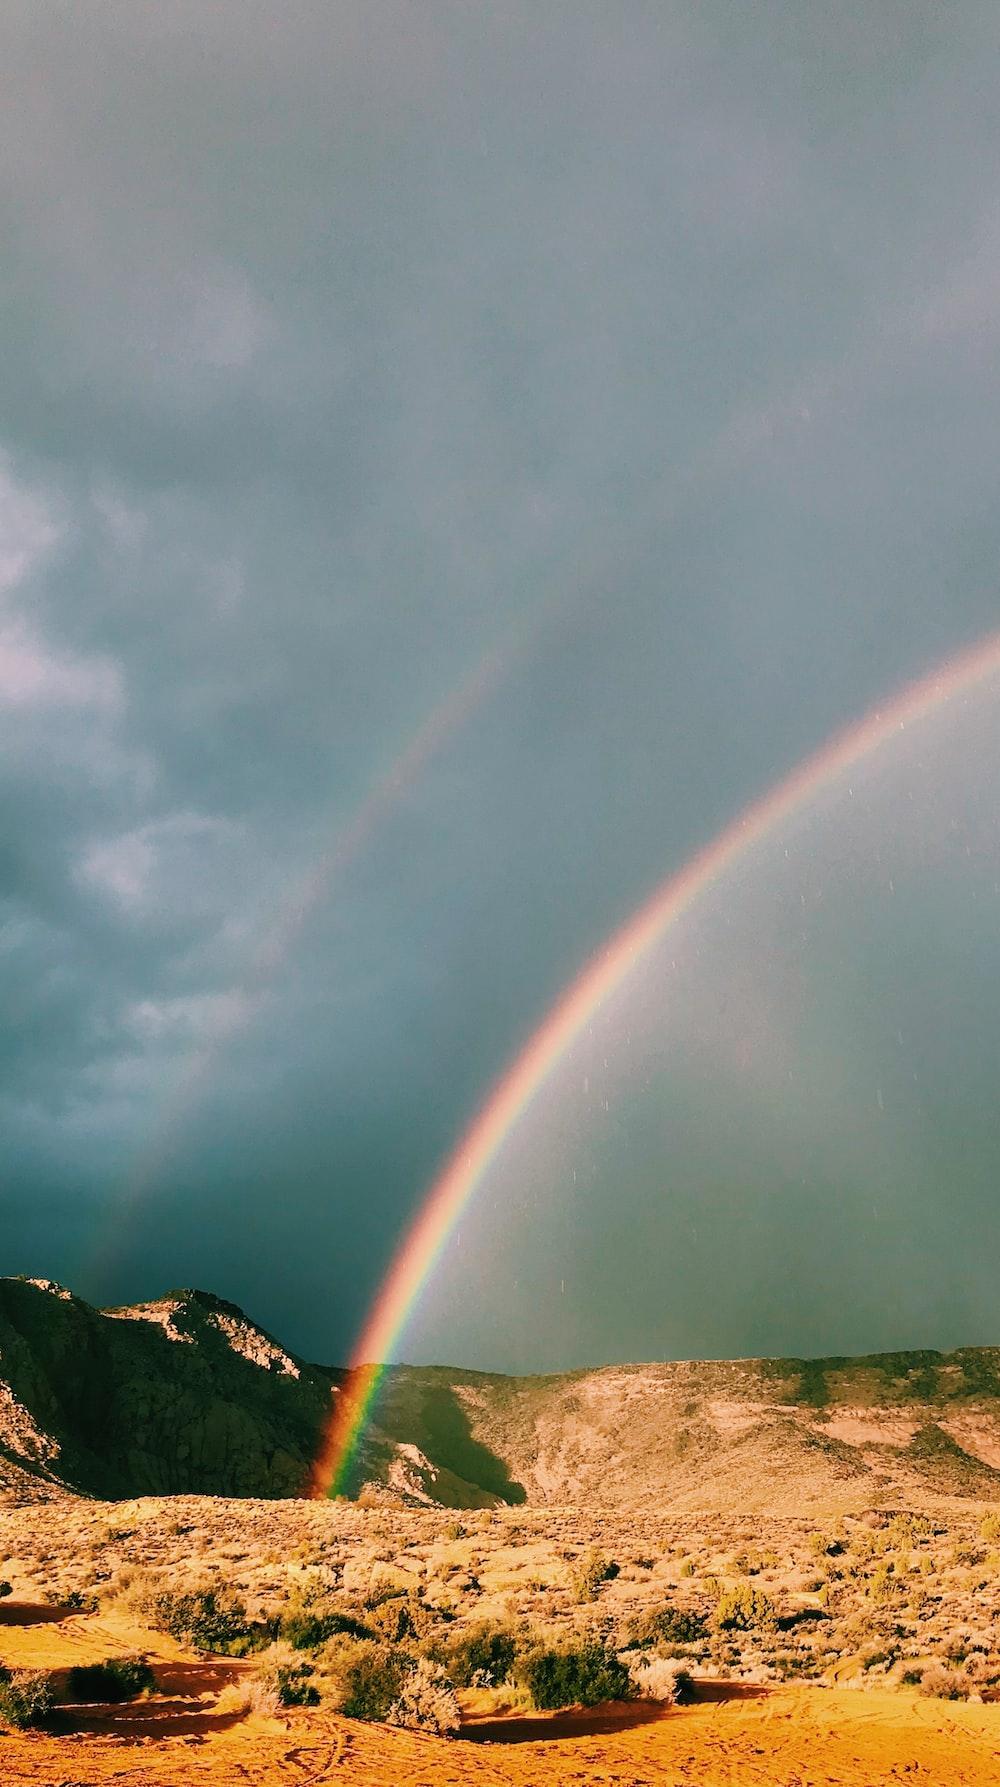 green mountain under rainbow during daytime